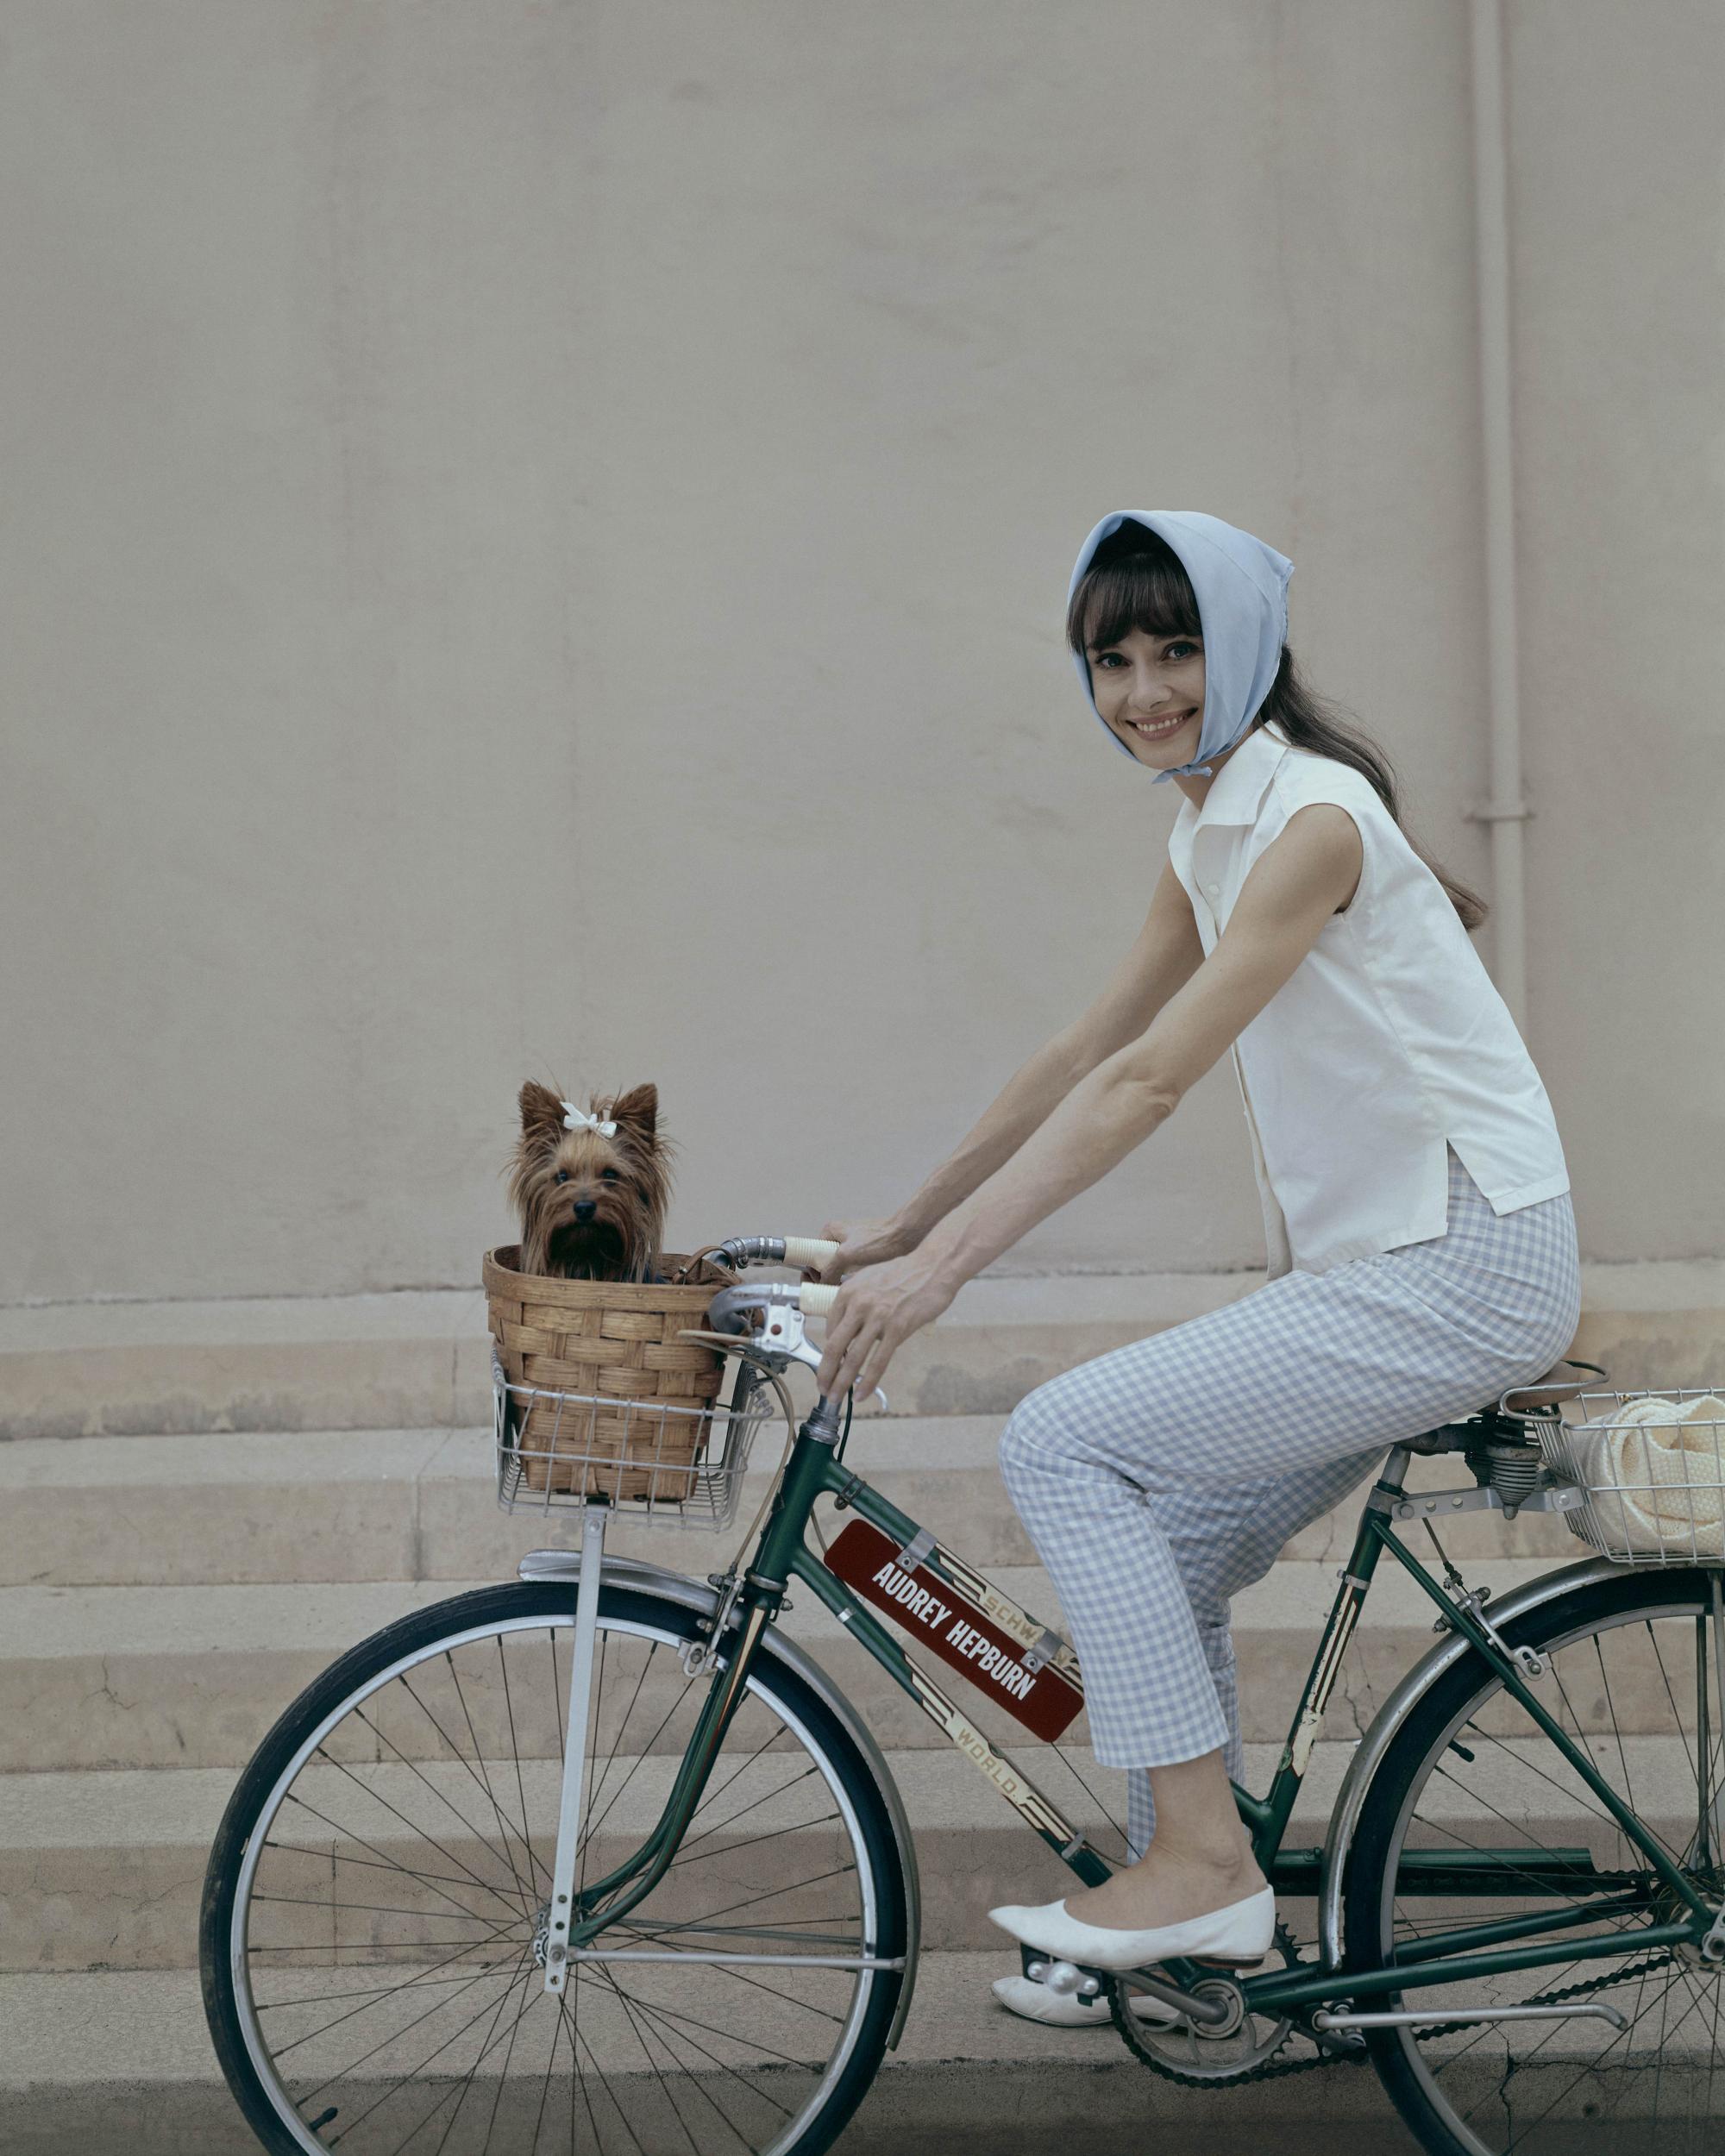 Thời trang Hè - Audrey Hepburn mặc áo sơ mi trắng, quần kẻ ô, quấn khăn lụa